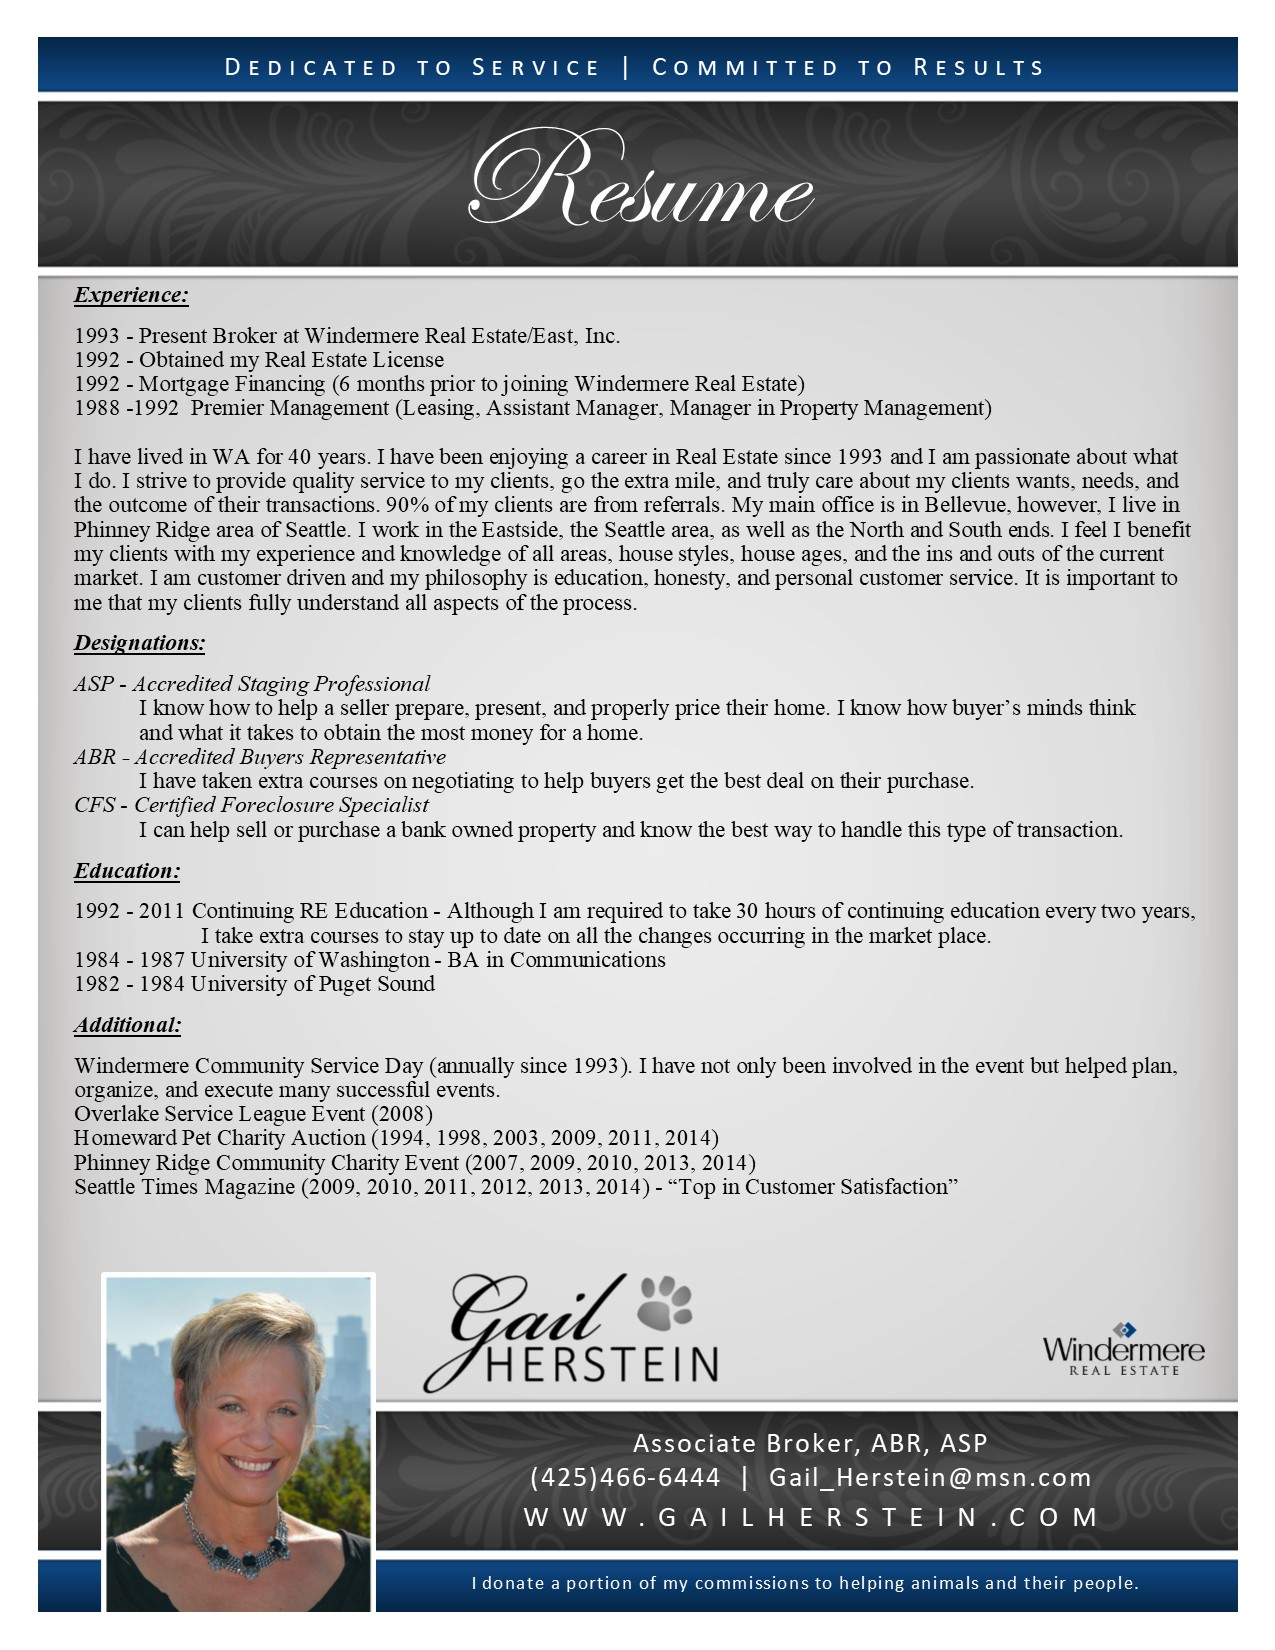 Resume - Gail R. Herstein